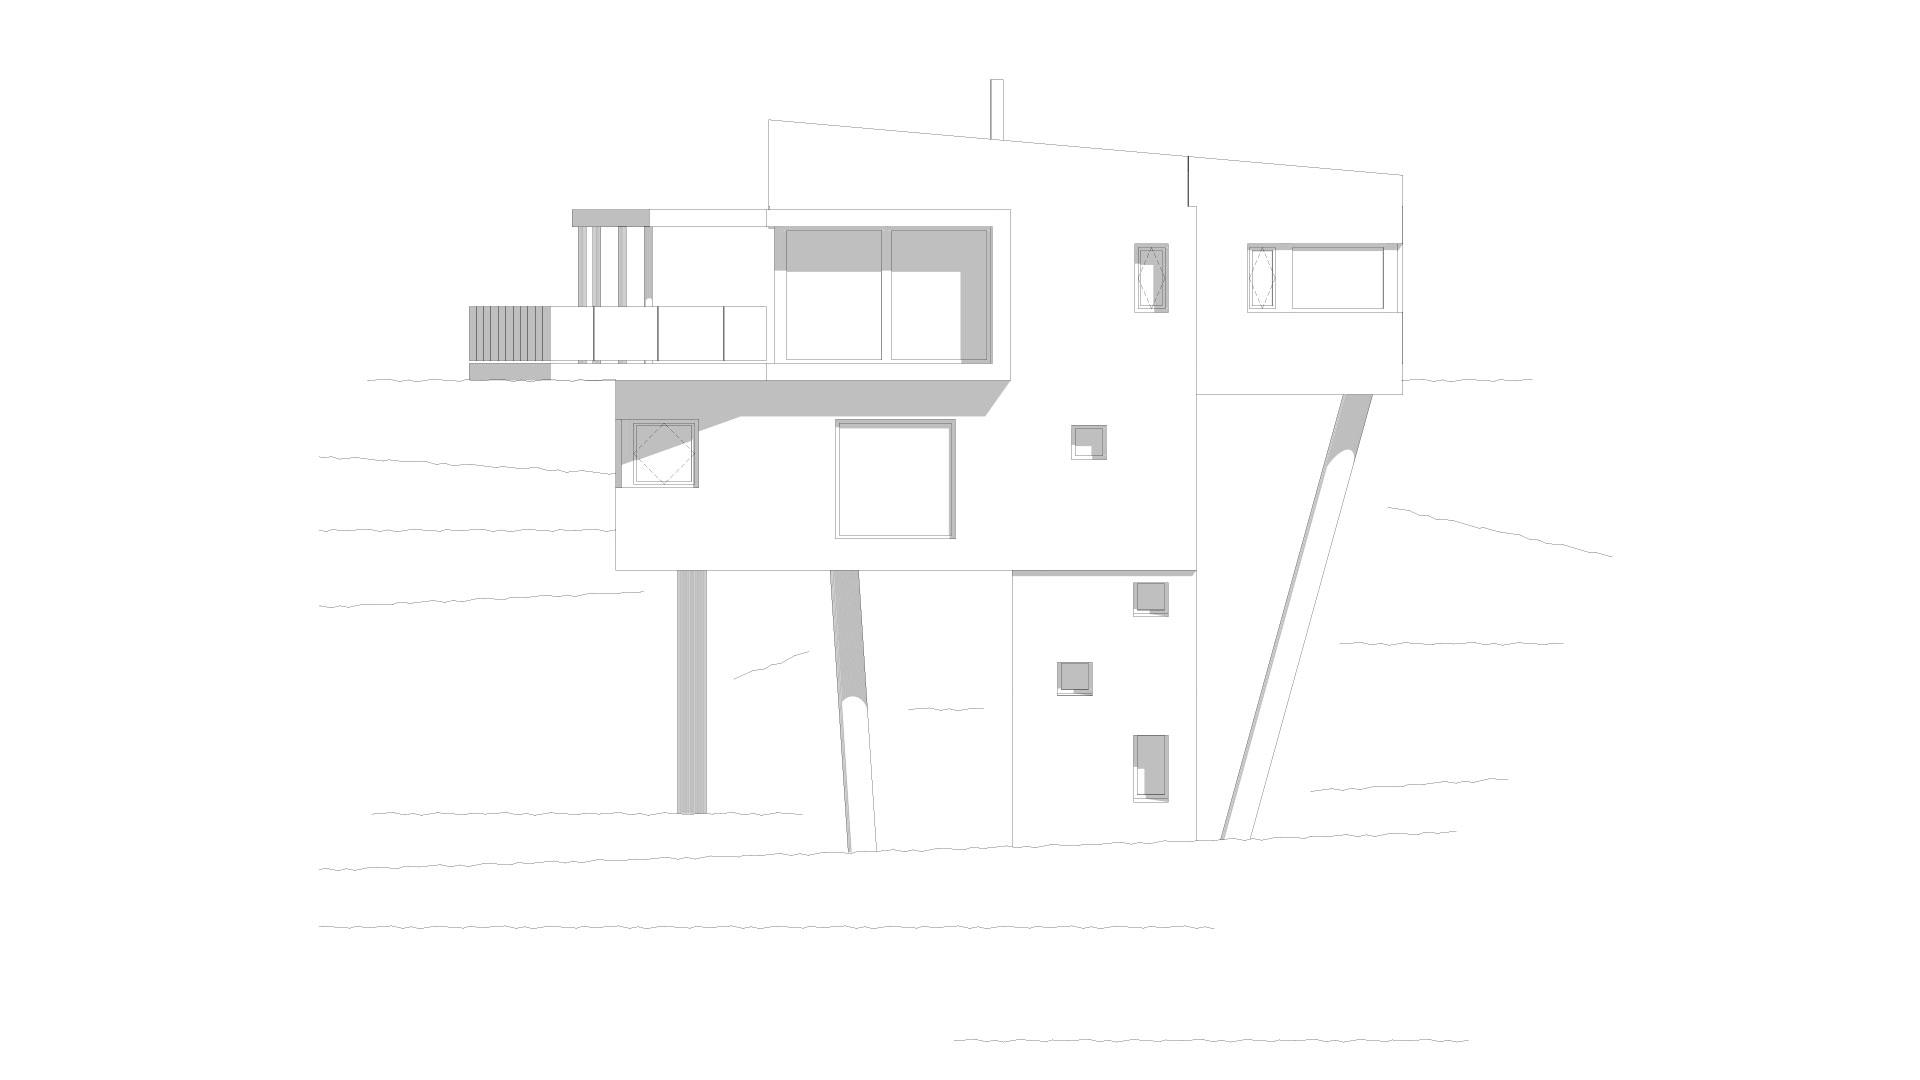 Klippen_Fasade1.jpg